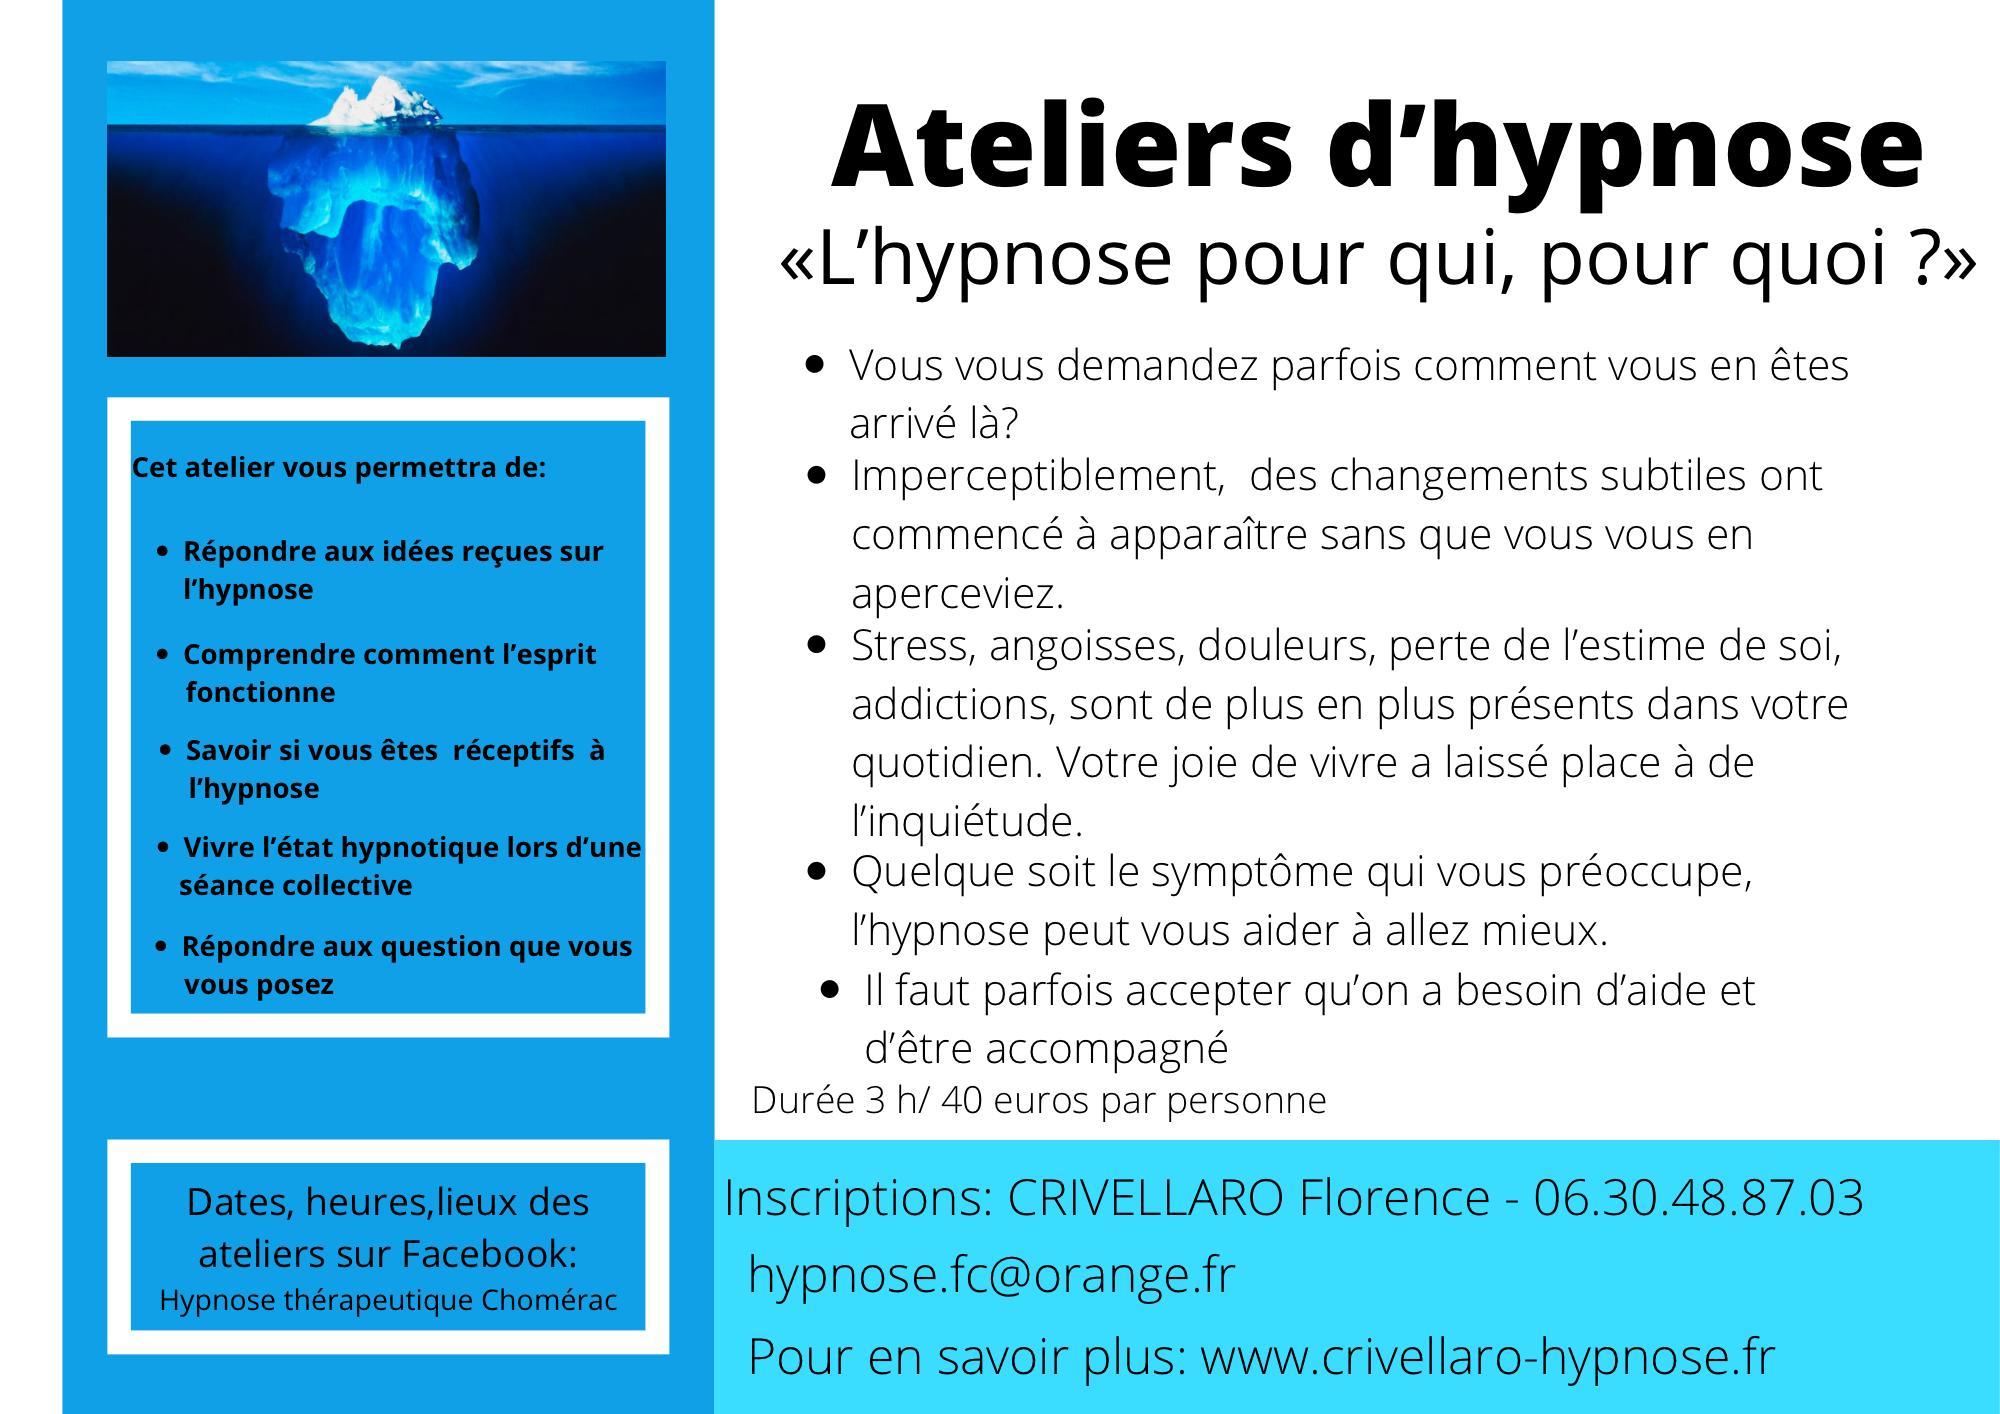 Atelier découverte de l'hypnose